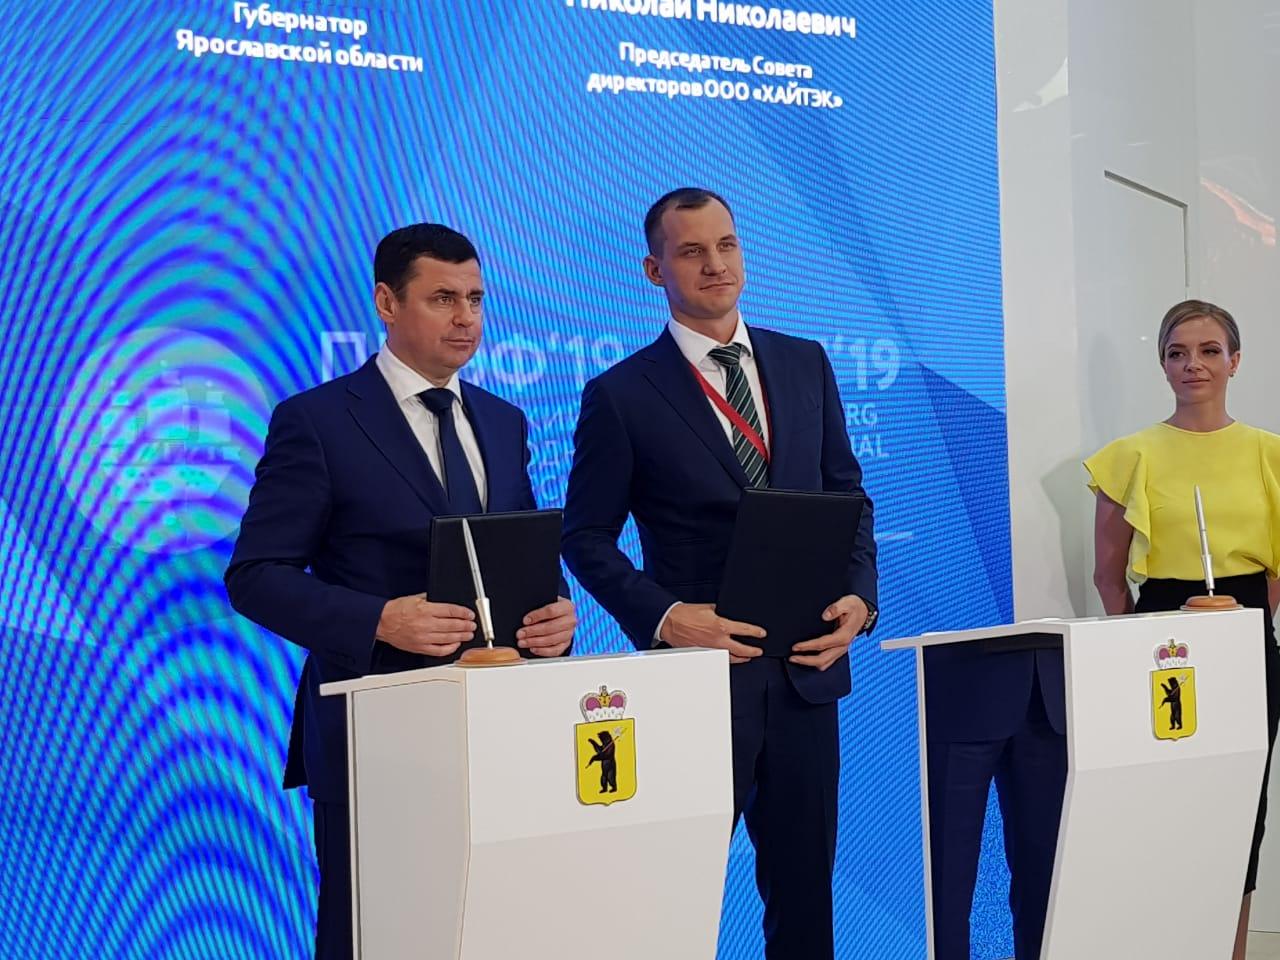 Дмитрий Миронов подписал соглашение о внедрении технологий искусственного интеллекта